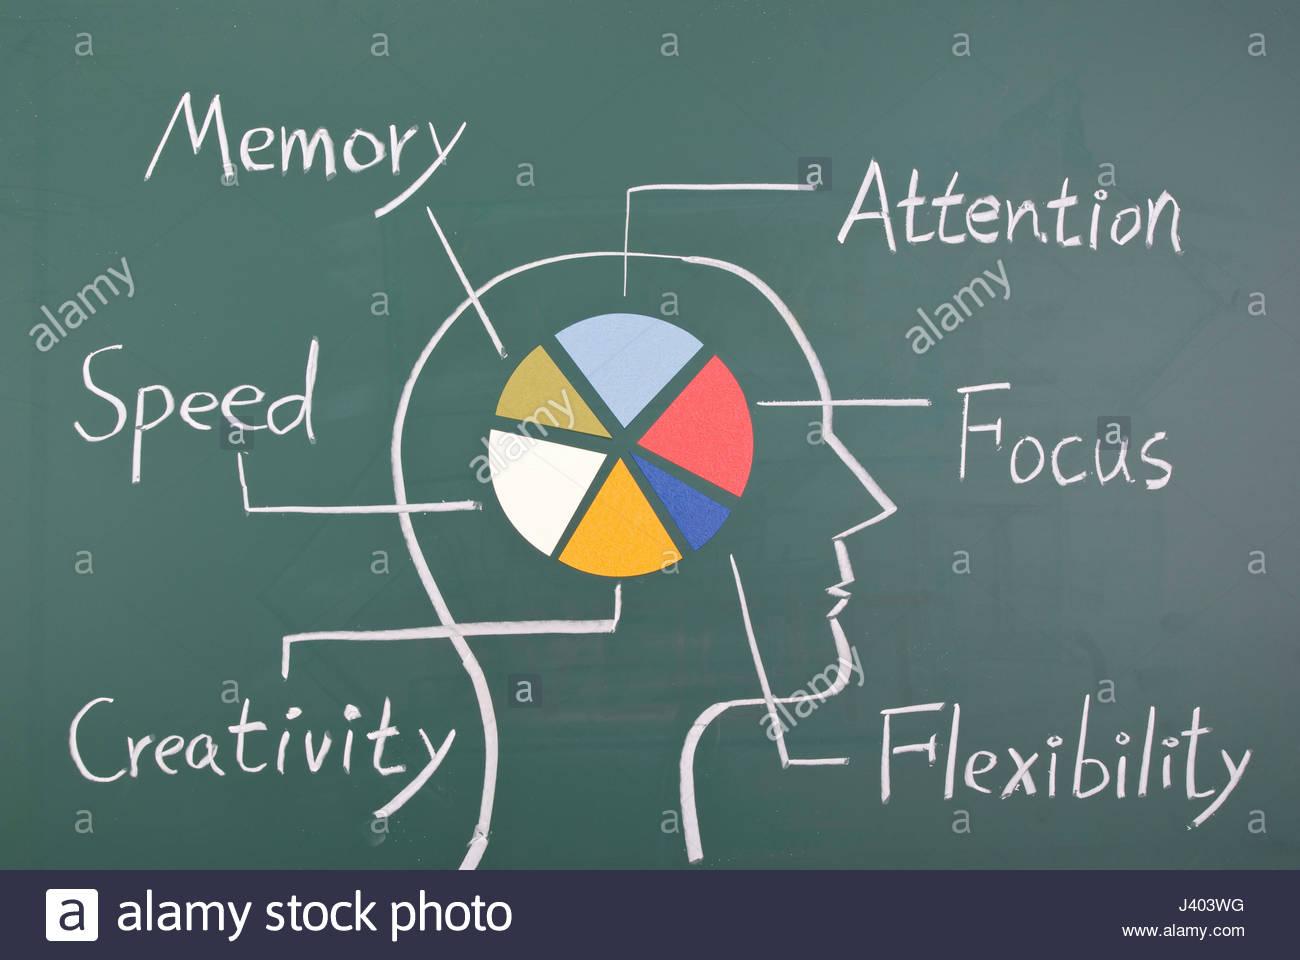 Tolle Gehirn Diagramm Beschriftet Fotos - Menschliche Anatomie ...